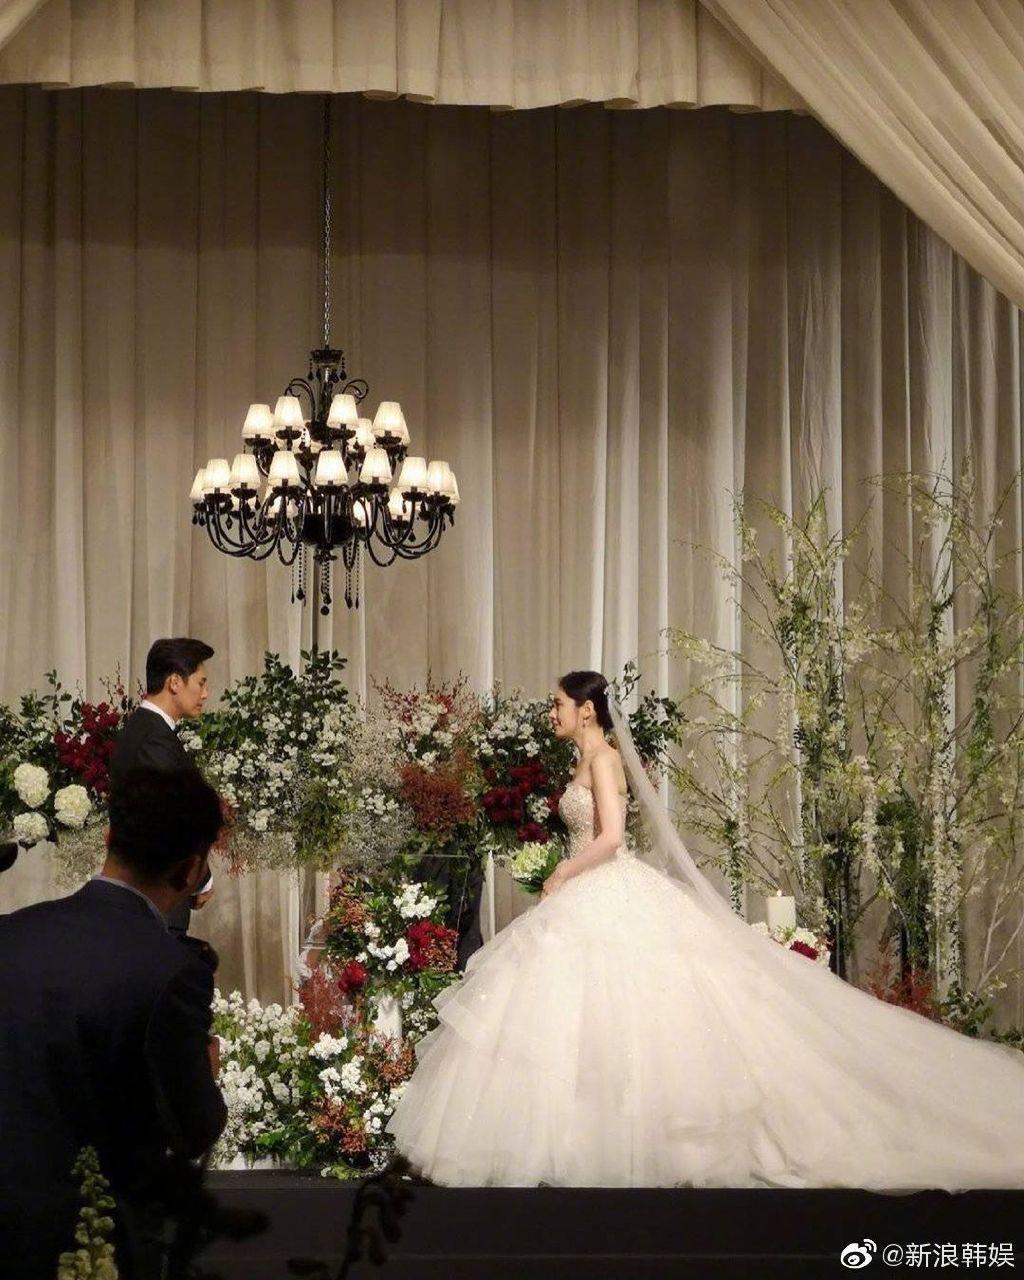 VZN News: Mỹ nhân Hàn Choo Ja Hyun: Bị mẹ ruột rủa chết, chao đảo vì 50 tấm ảnh nóng, kết cục viên mãn bất ngờ bên chồng xứ Trung - Ảnh 14.